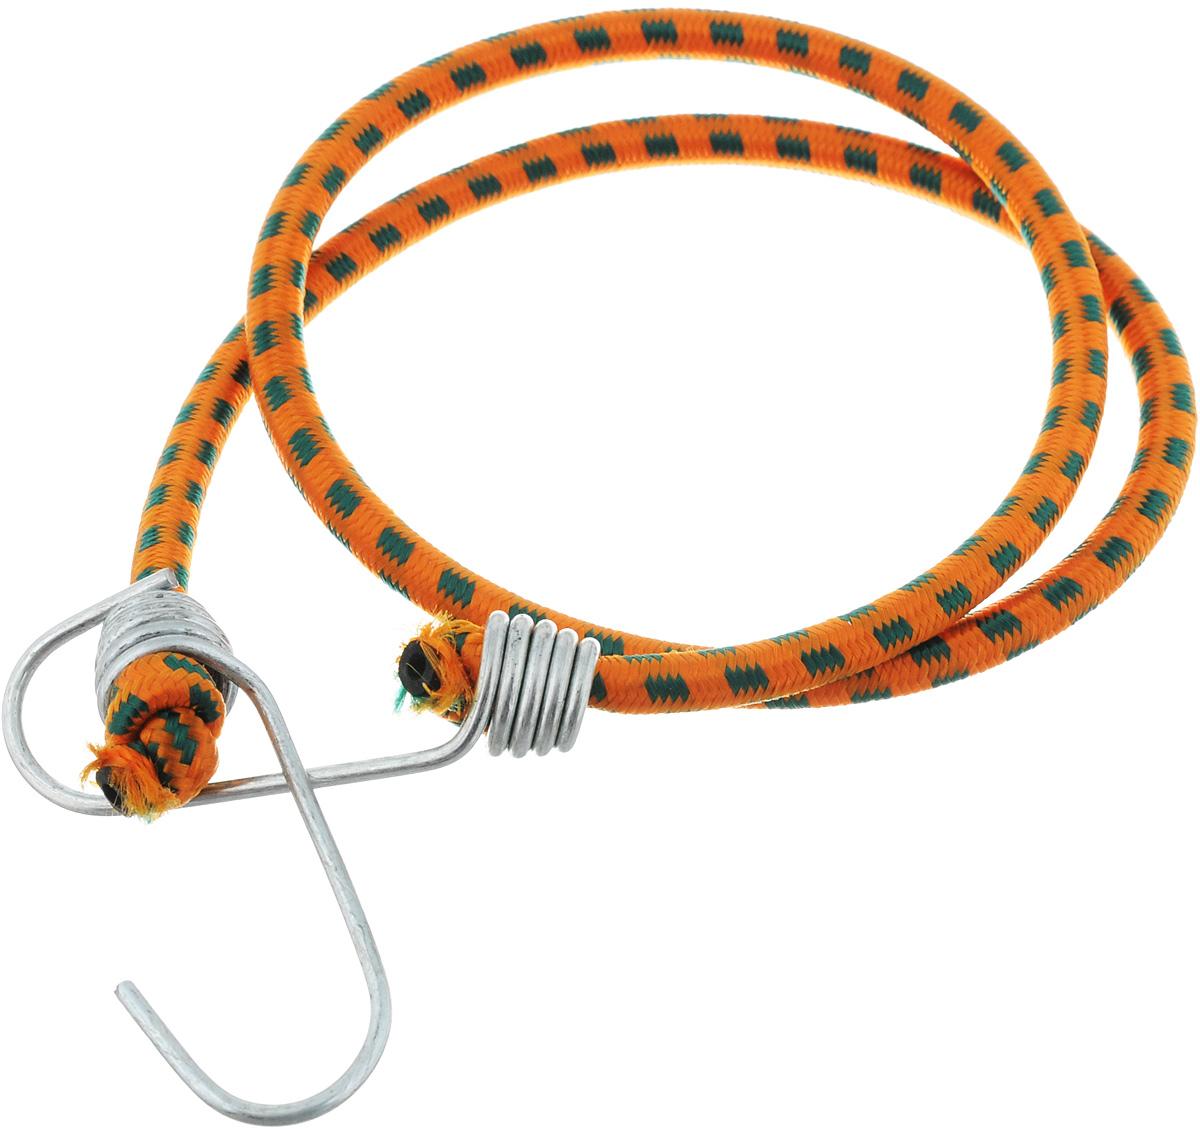 Резинка багажная МастерПроф, с крючками, цвет: оранжевый, изумрудный, 0,6 х 80 см. АС.020021АС.020021_оранжевый/изумрудныйБагажная резинка МастерПроф, выполненная из синтетического каучука, оснащена специальными металлическими крючками, которые обеспечивают прочное крепление и не допускают смещения груза во время его перевозки. Изделие применяется для закрепления предметов к багажнику. Такая резинка позволит зафиксировать как небольшой груз, так и довольно габаритный. Материал: синтетический каучук. Температура использования: -15°C до +50°C. Безопасное удлинение: 60%. Диаметр резинки: 0,6 см. Длина резинки: 80 см.